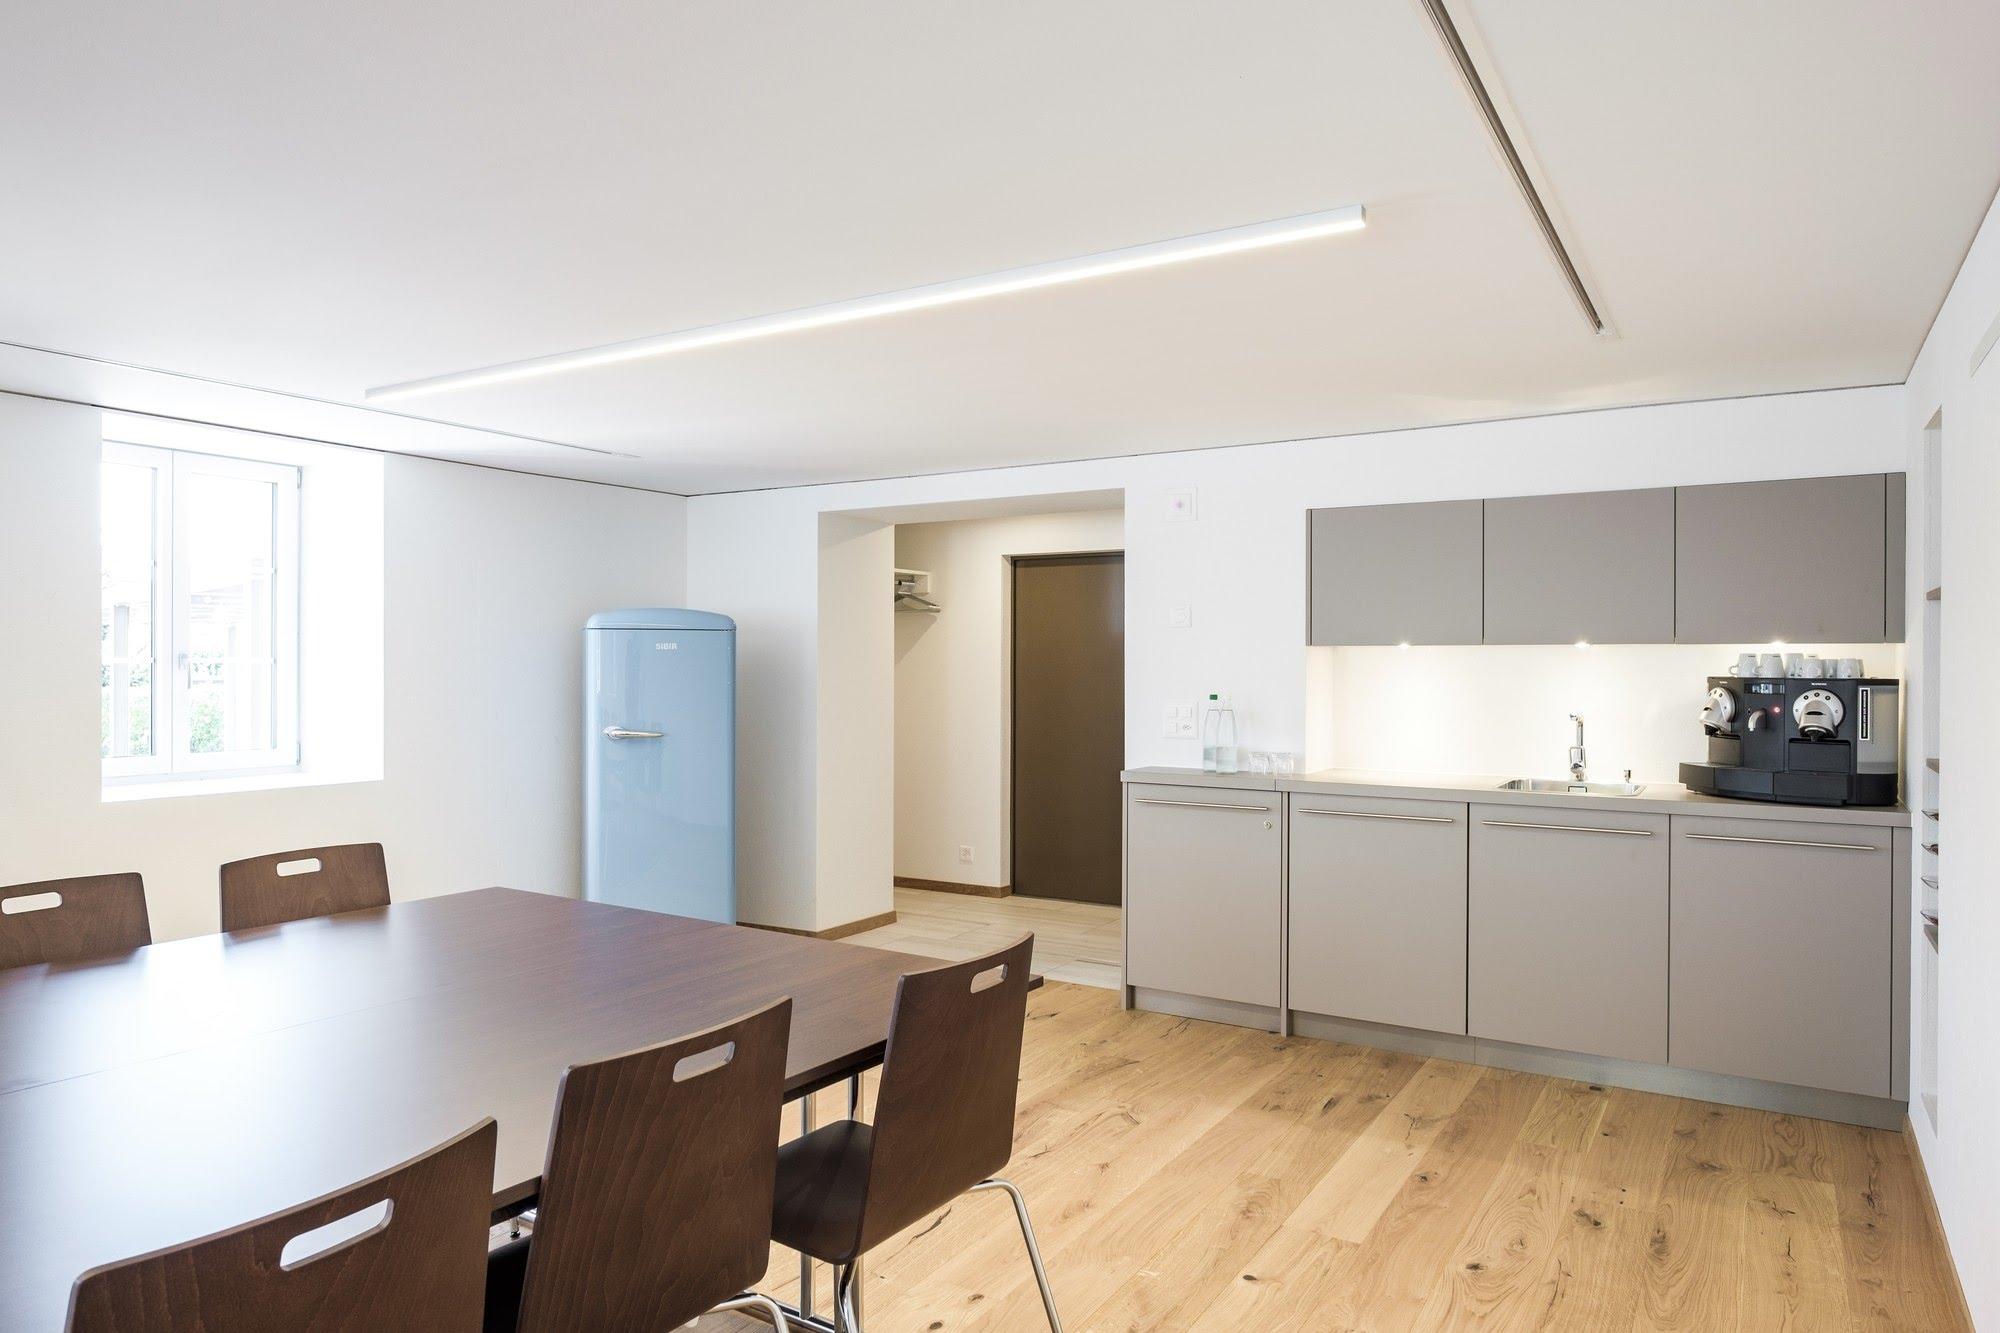 Öffentlich,Umbau Umbau Schulhäuschen in Schenkon Architektur,Wohnungsbau,Wohnhäuser,Einfamilienhäuser,Mehrfamilienhäuser